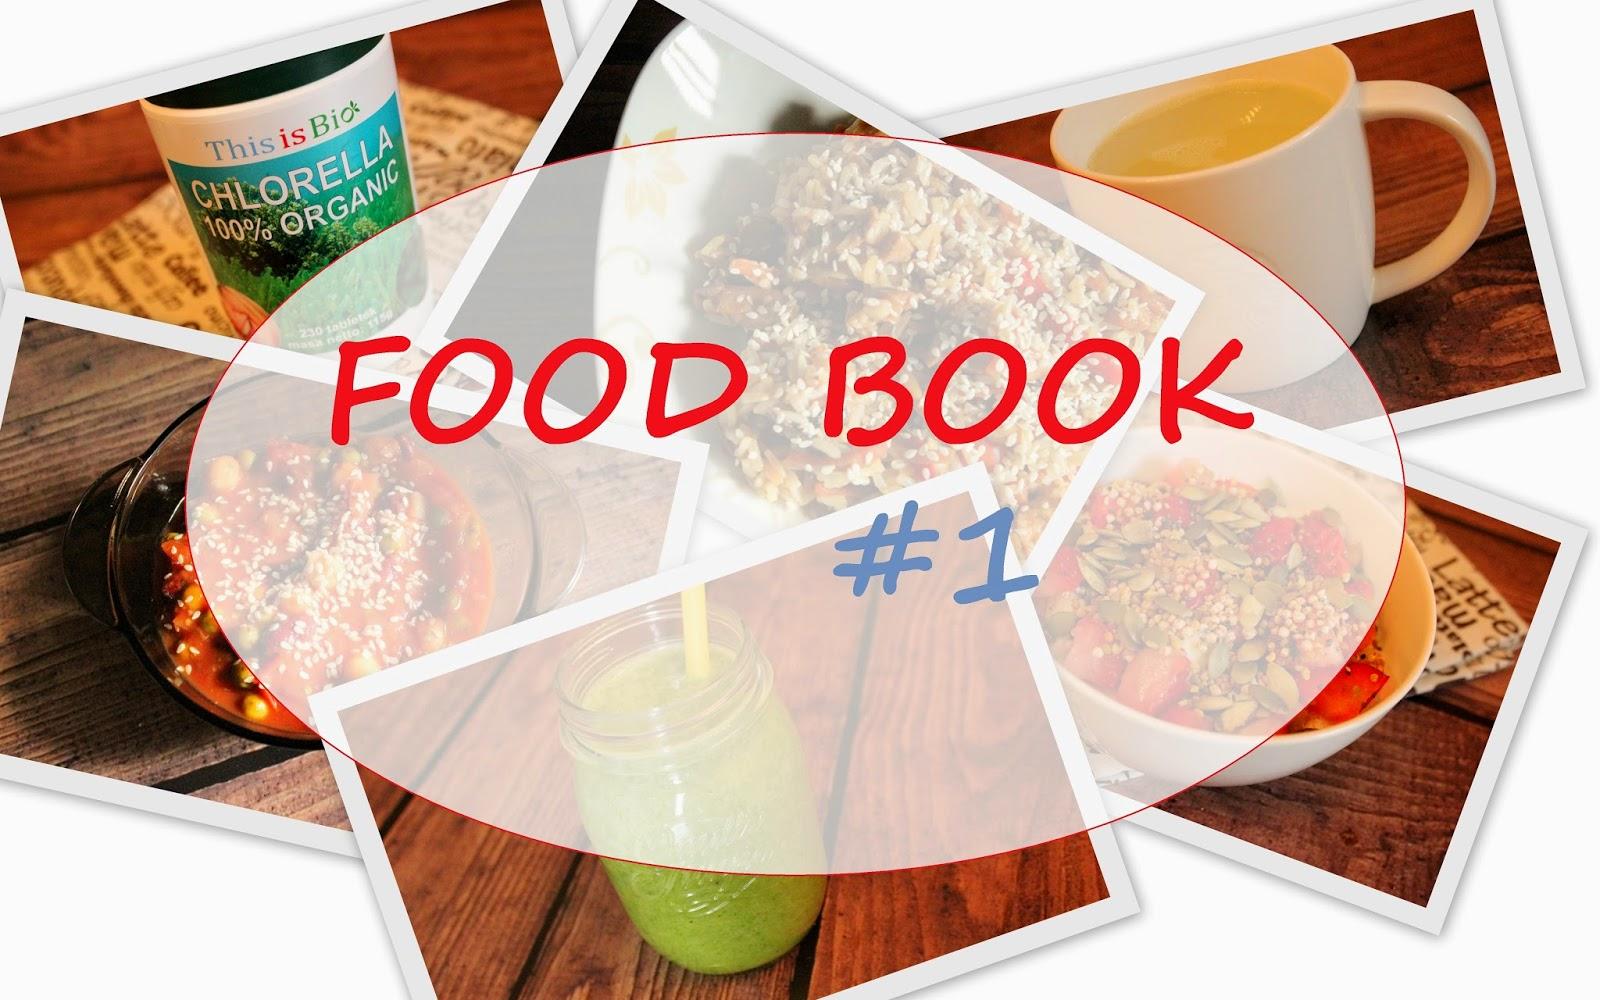 FOOD BOOK #1